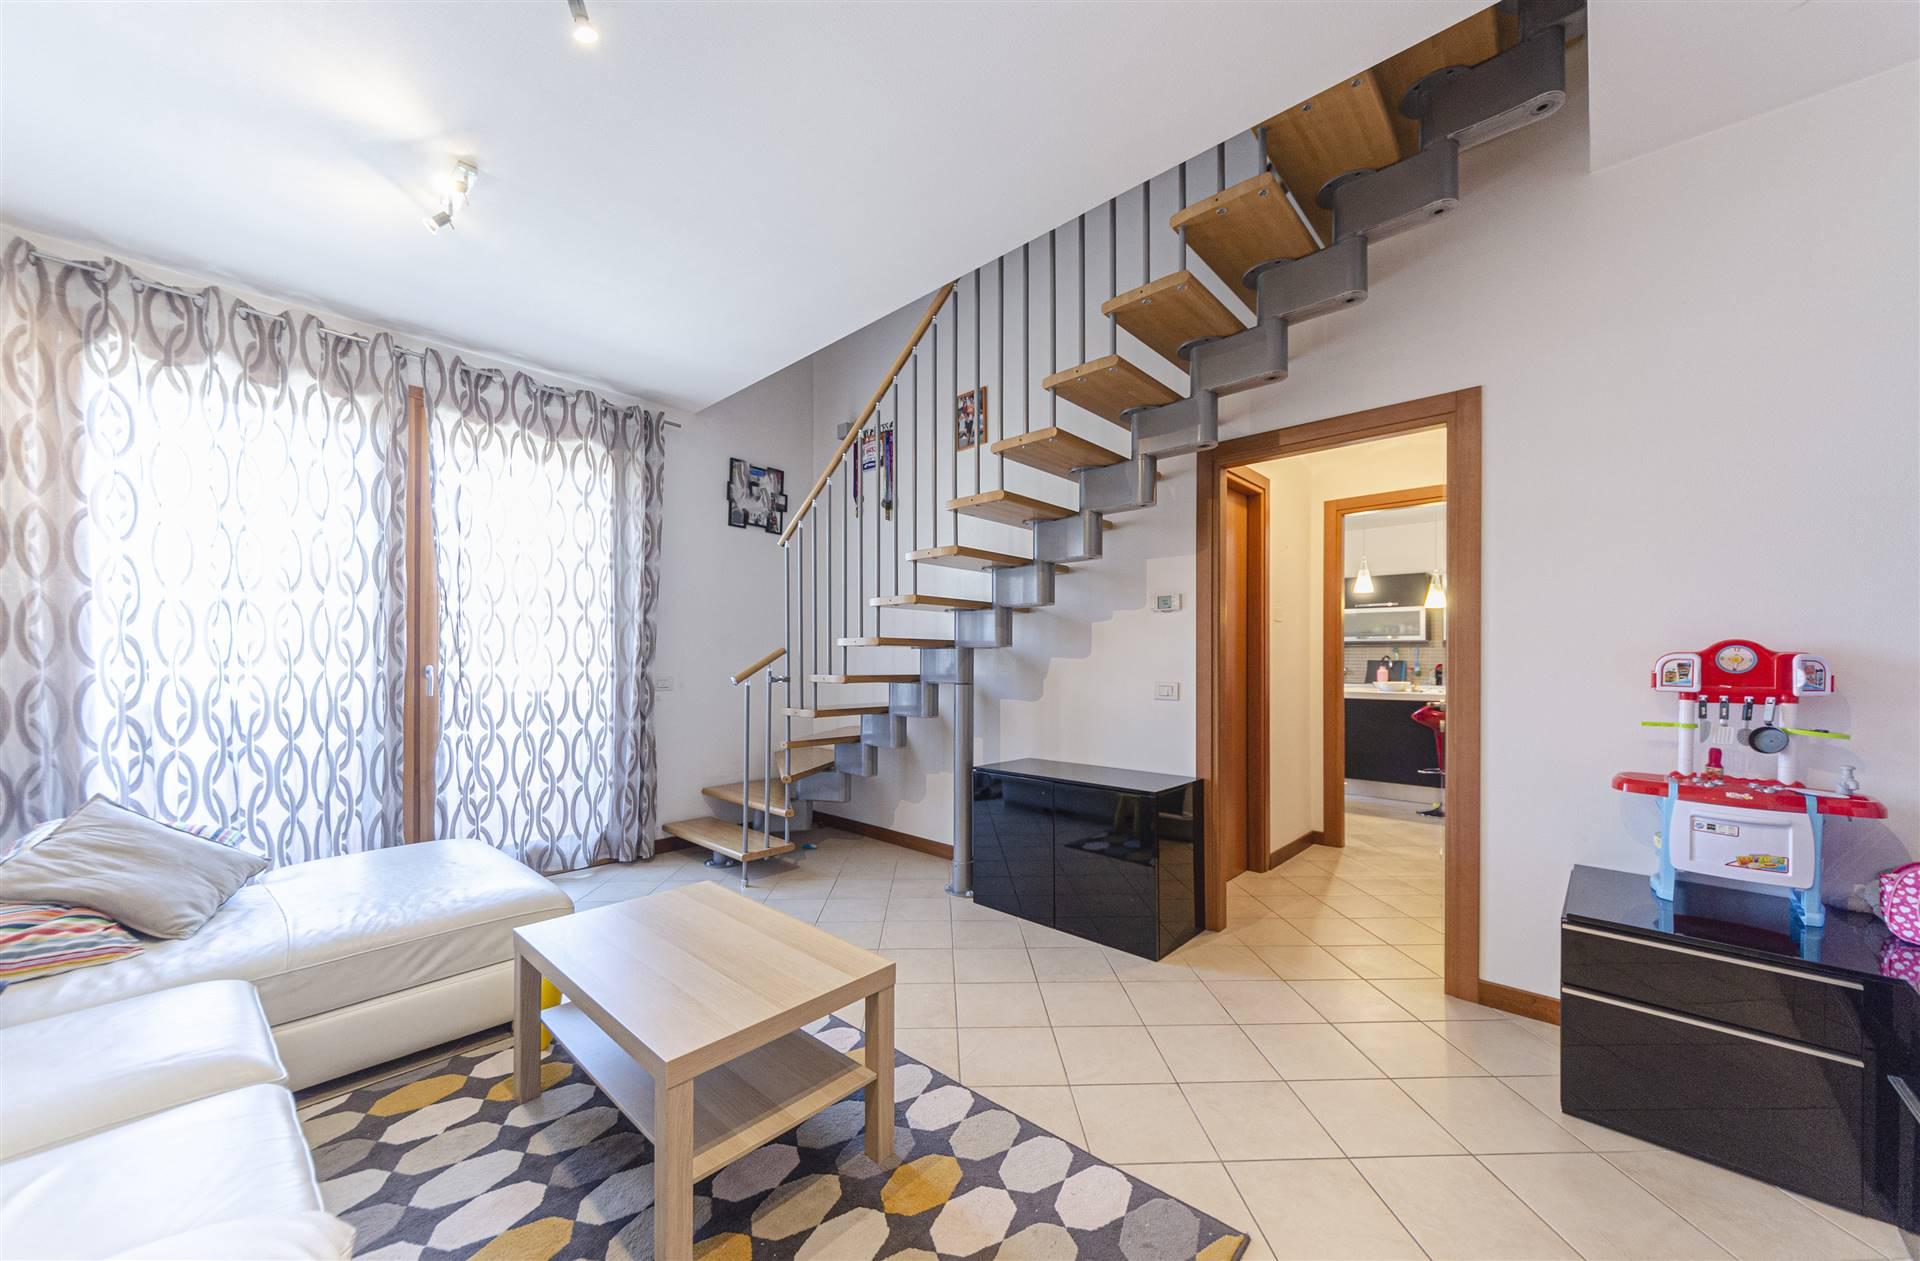 Appartamento in vendita a Santa Maria di Sala, 4 locali, zona Località: VETERNIGO LOCALITÀ: TRE PONTI, prezzo € 173.000   PortaleAgenzieImmobiliari.it